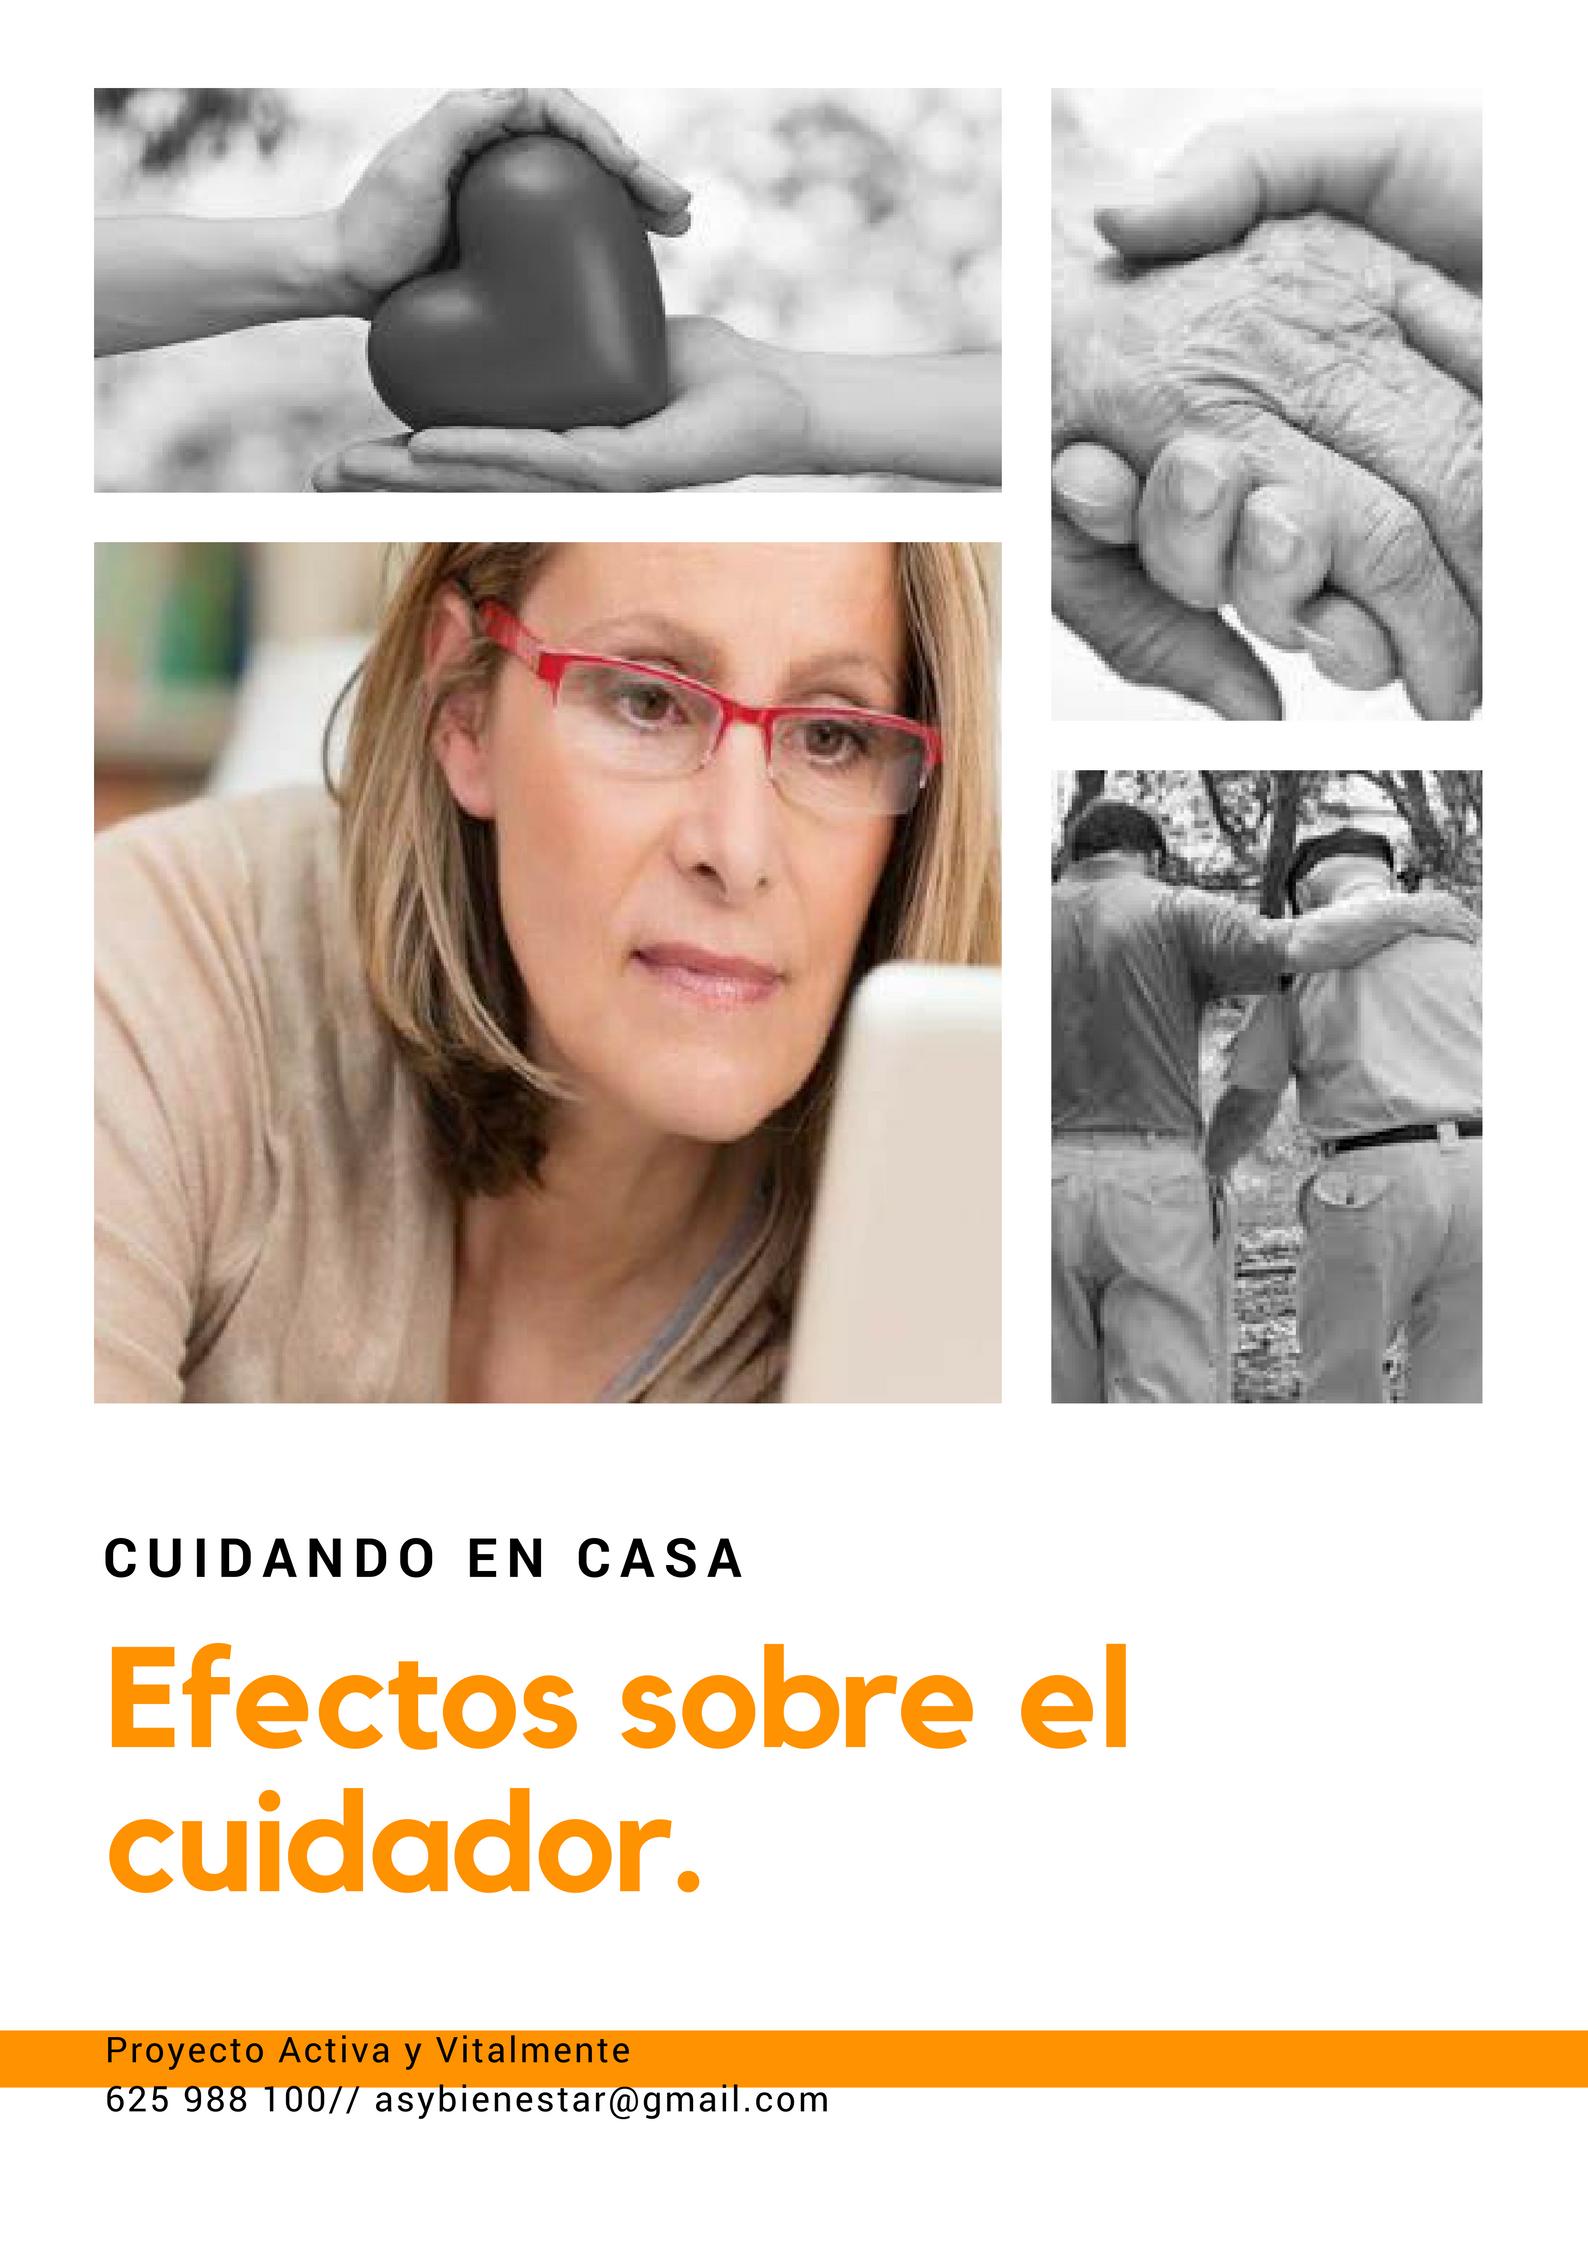 EFECTOS SOBRE EL CUIDADOR